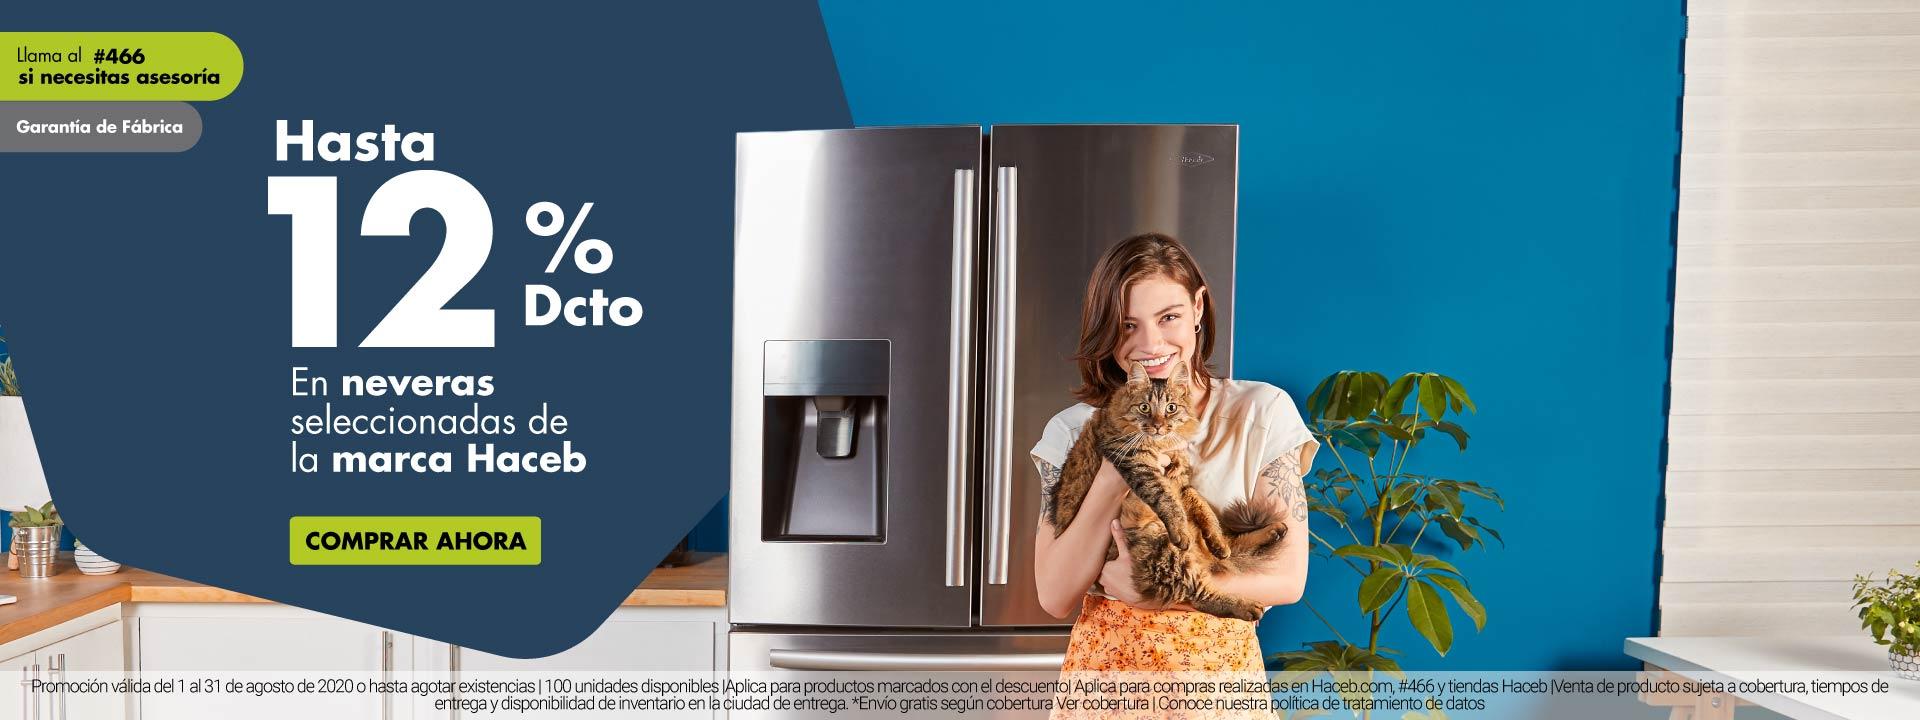 Cuidar de todos - Agosto - Refrigeracion